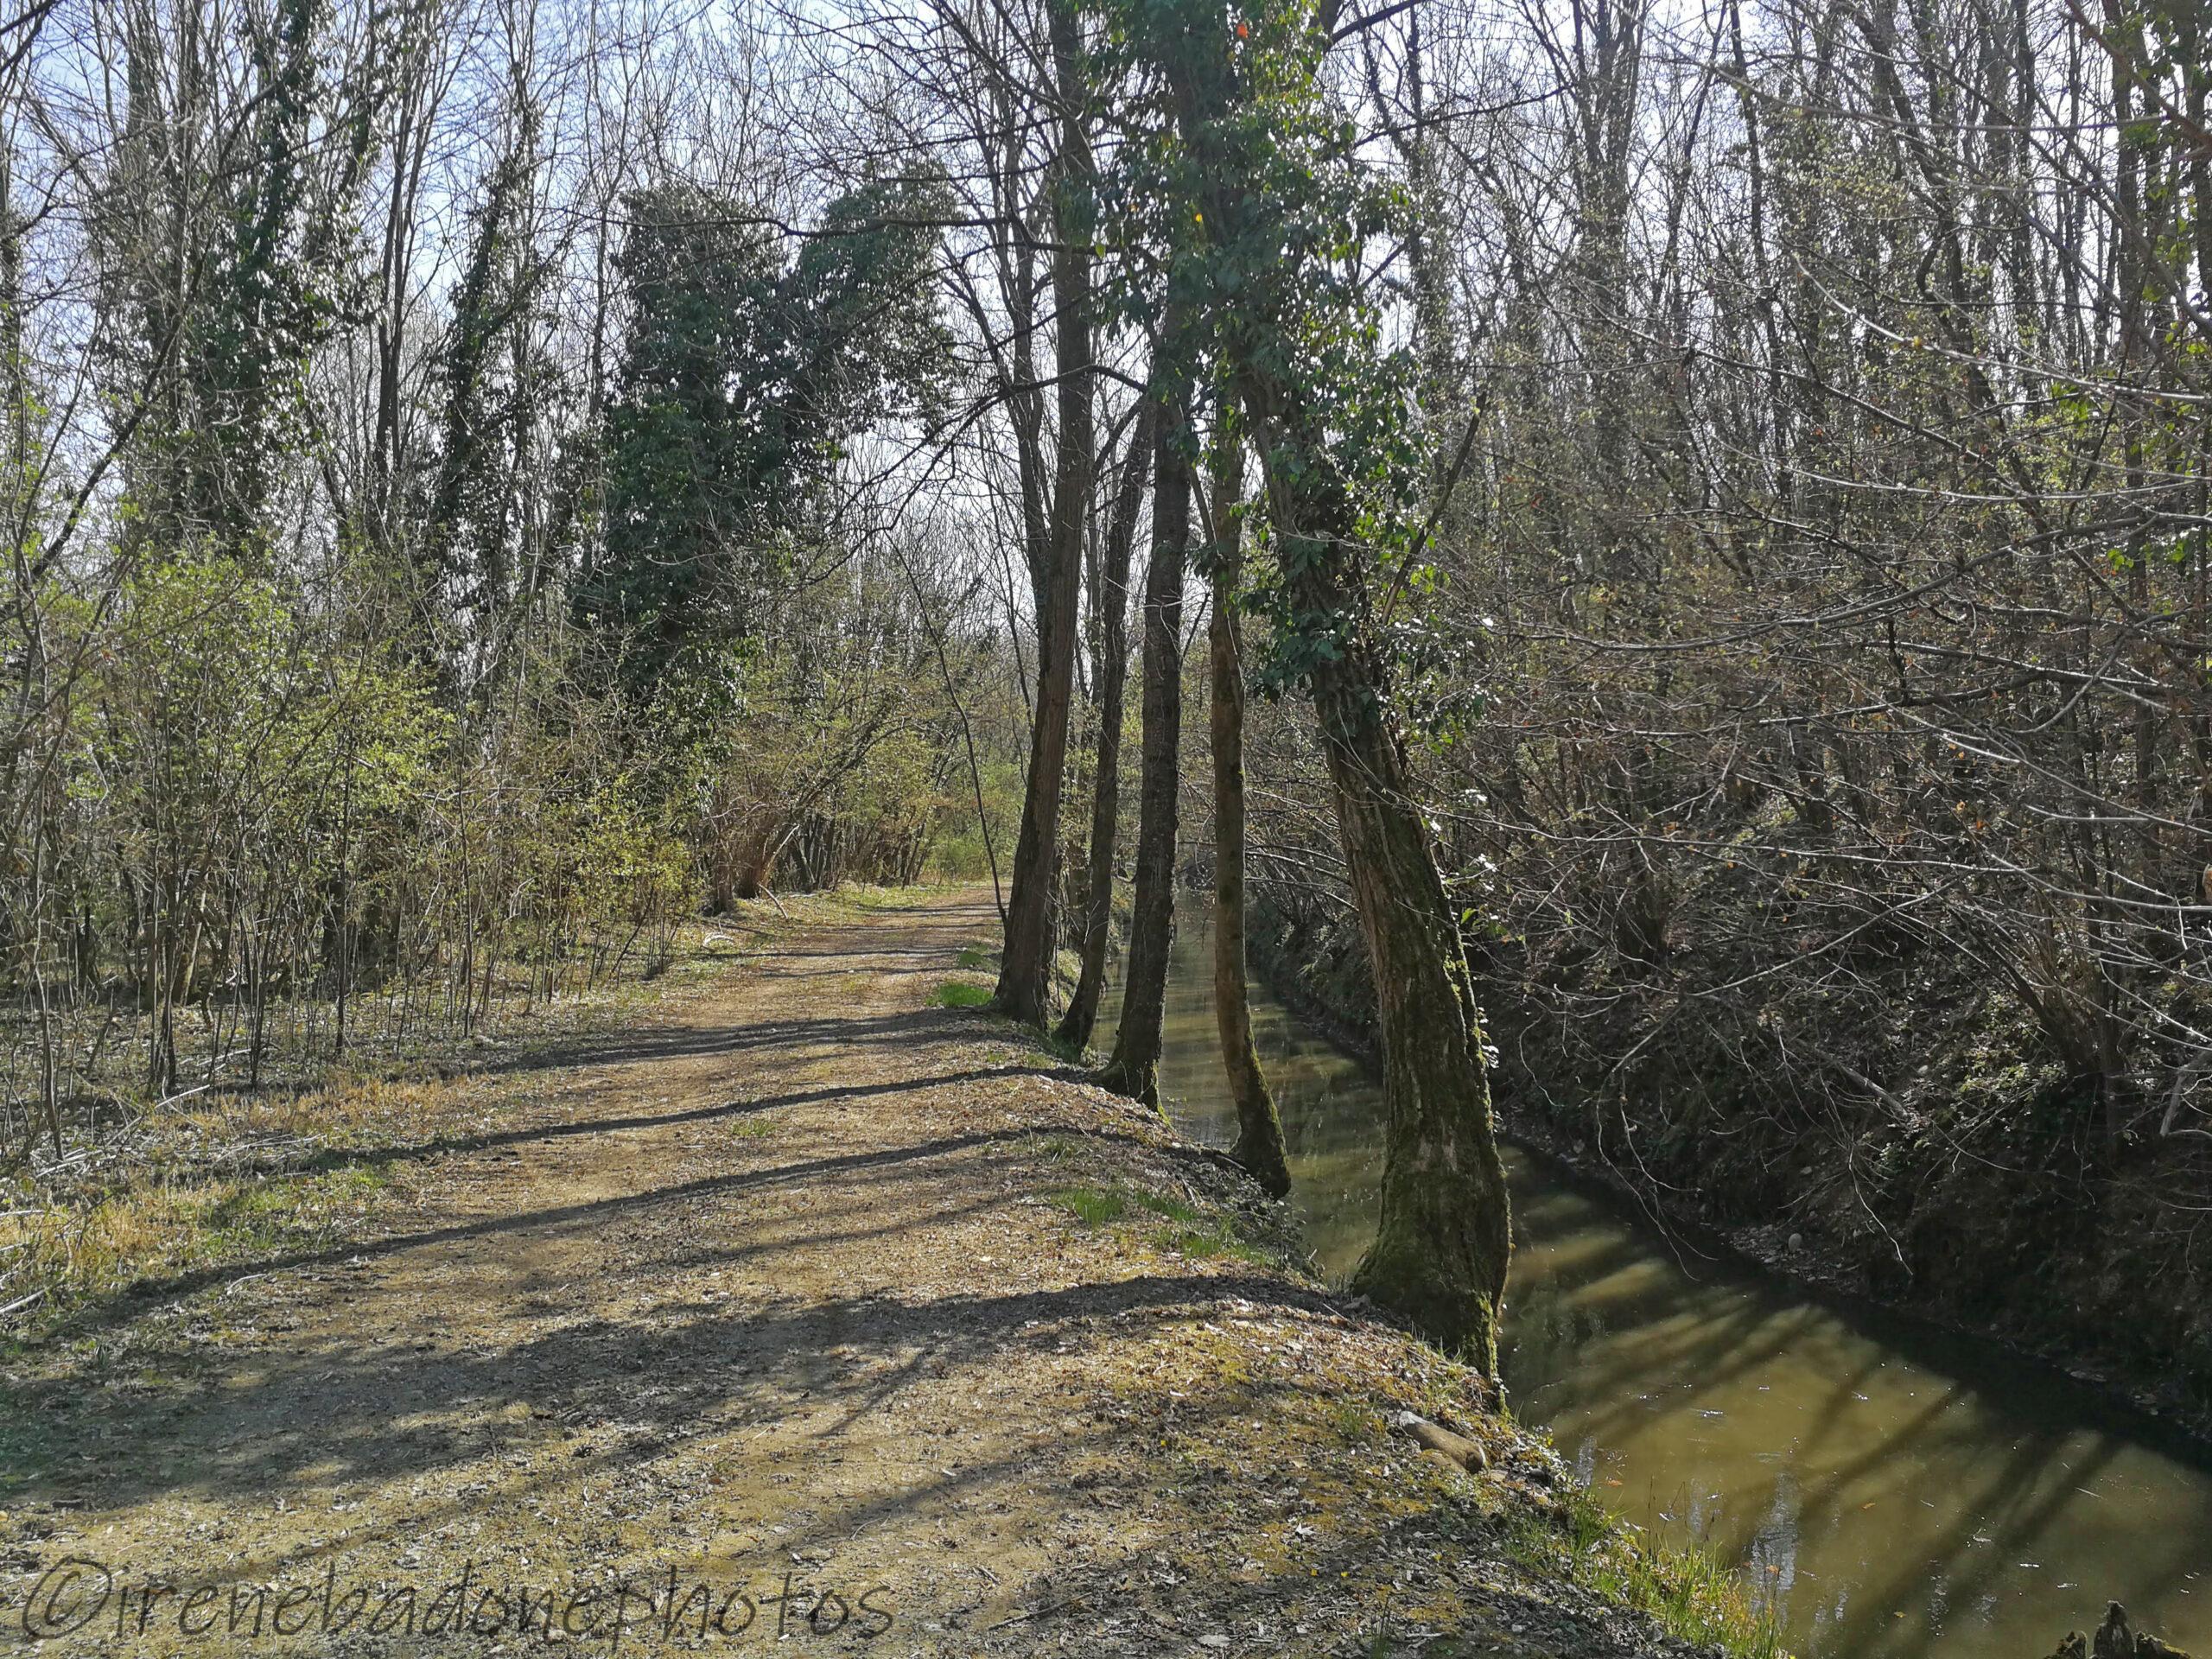 Tra i boschi, seguendo il canale